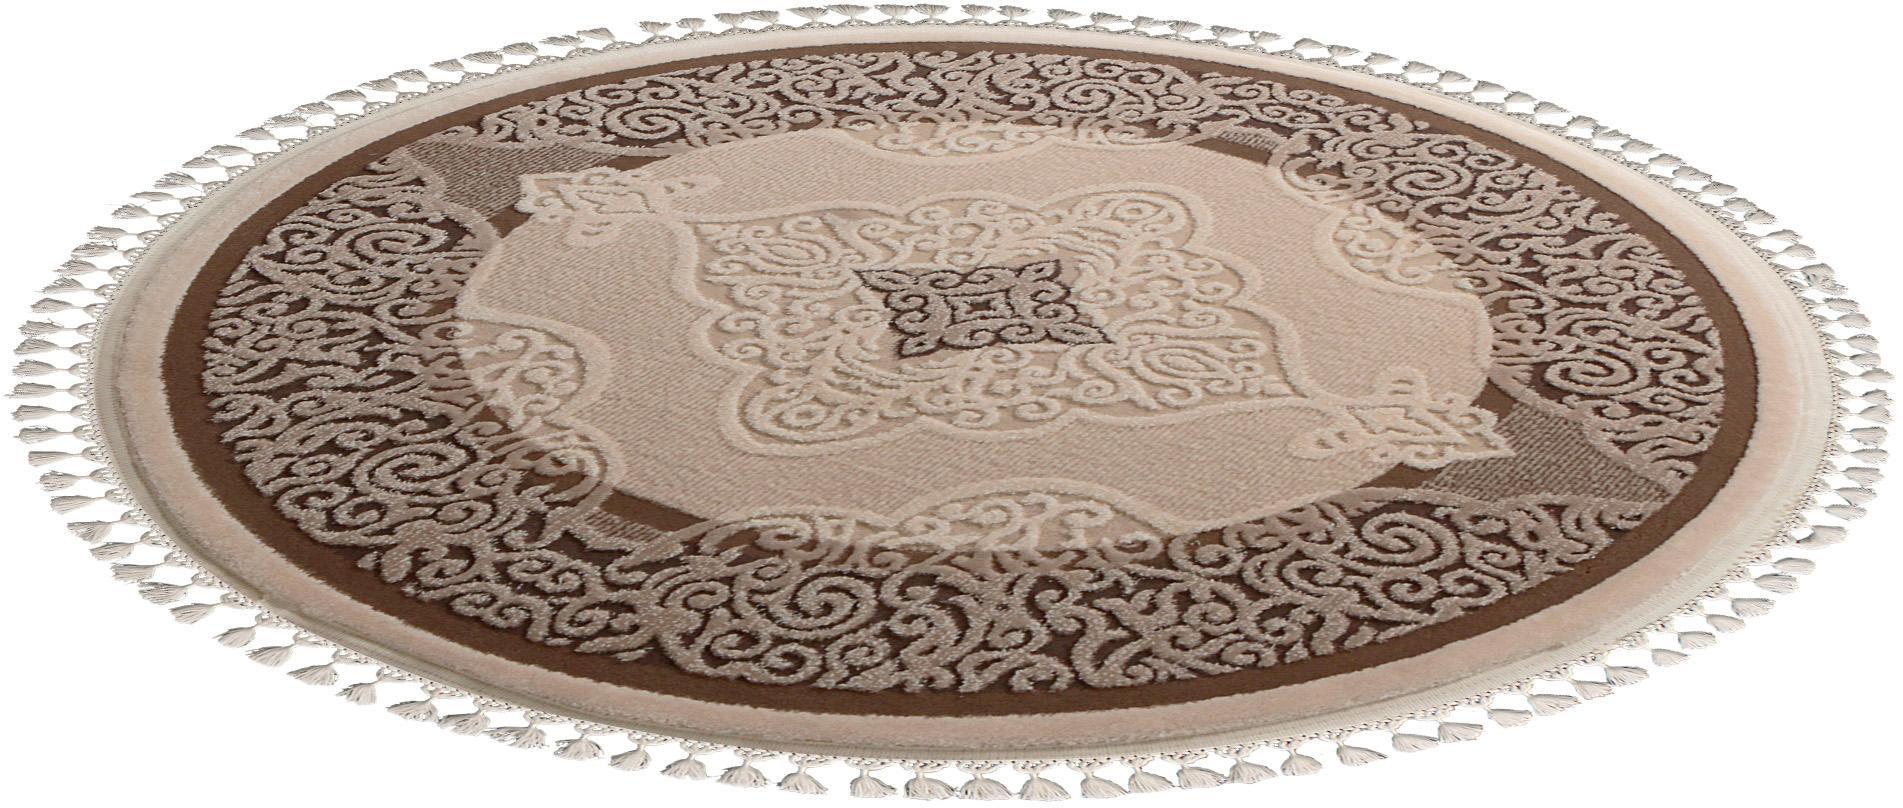 Orientteppich Delüks 6826 Sanat Teppiche rund Höhe 14 mm